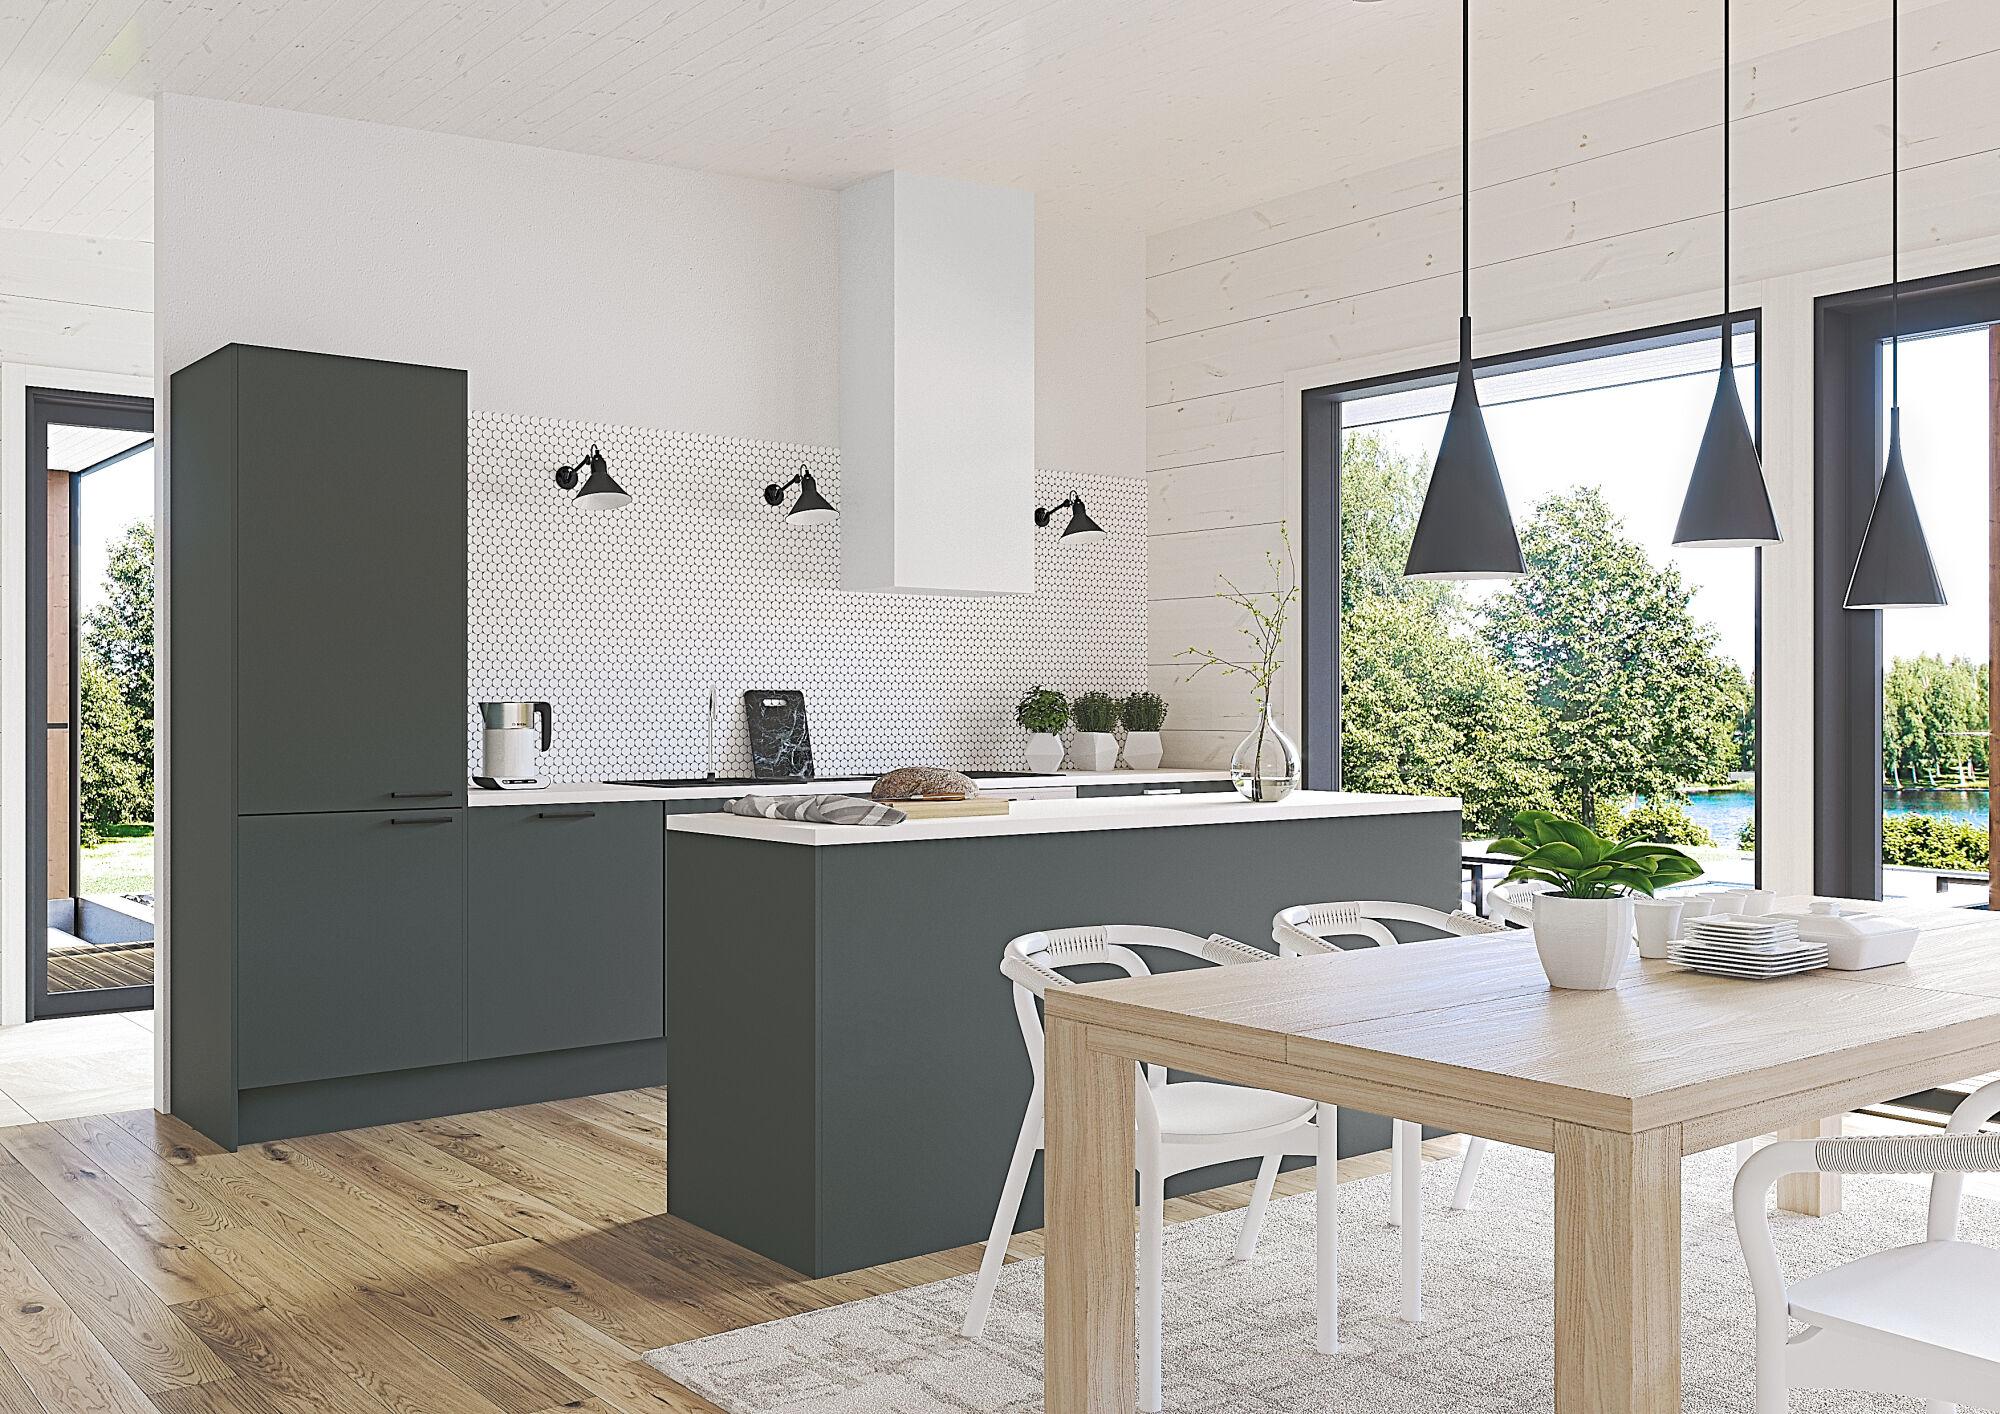 Kontio Living kök och interiör